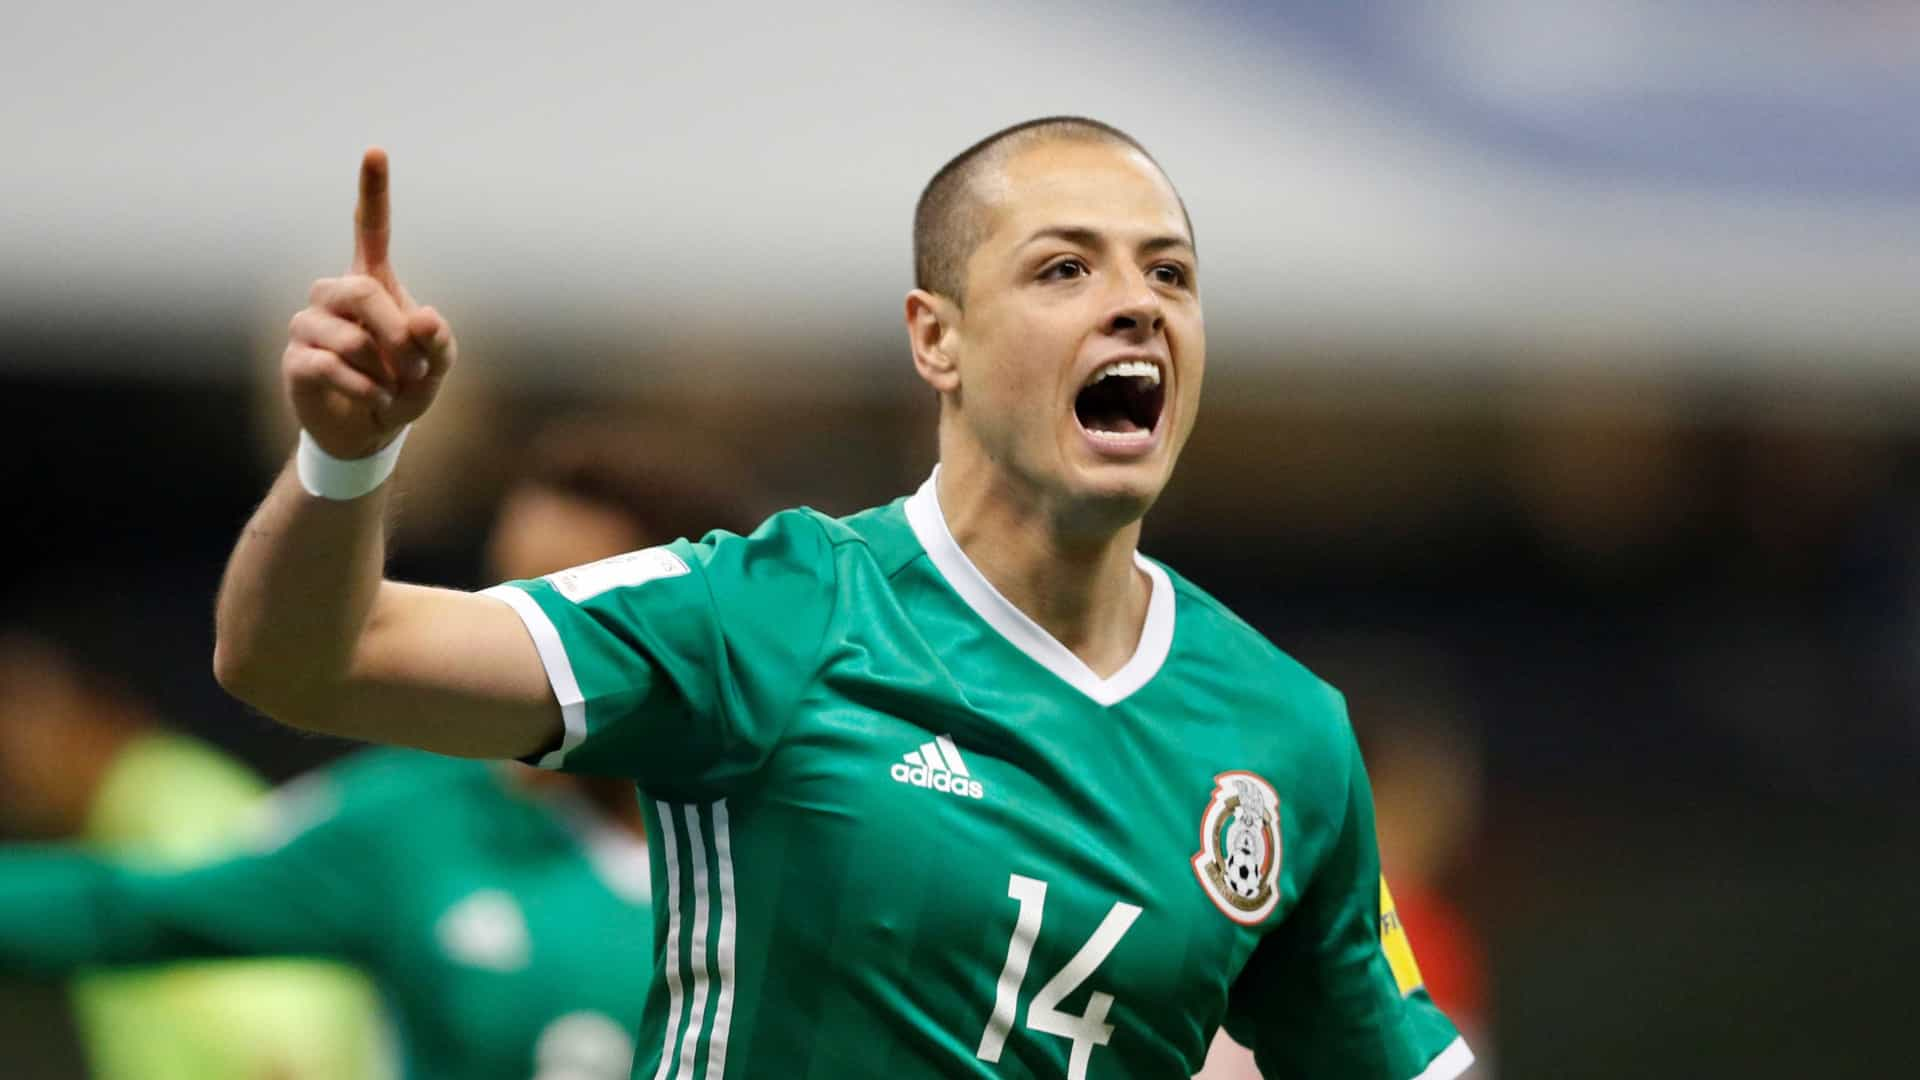 West Ham acerta contratação de 'Chicharito' Hernández